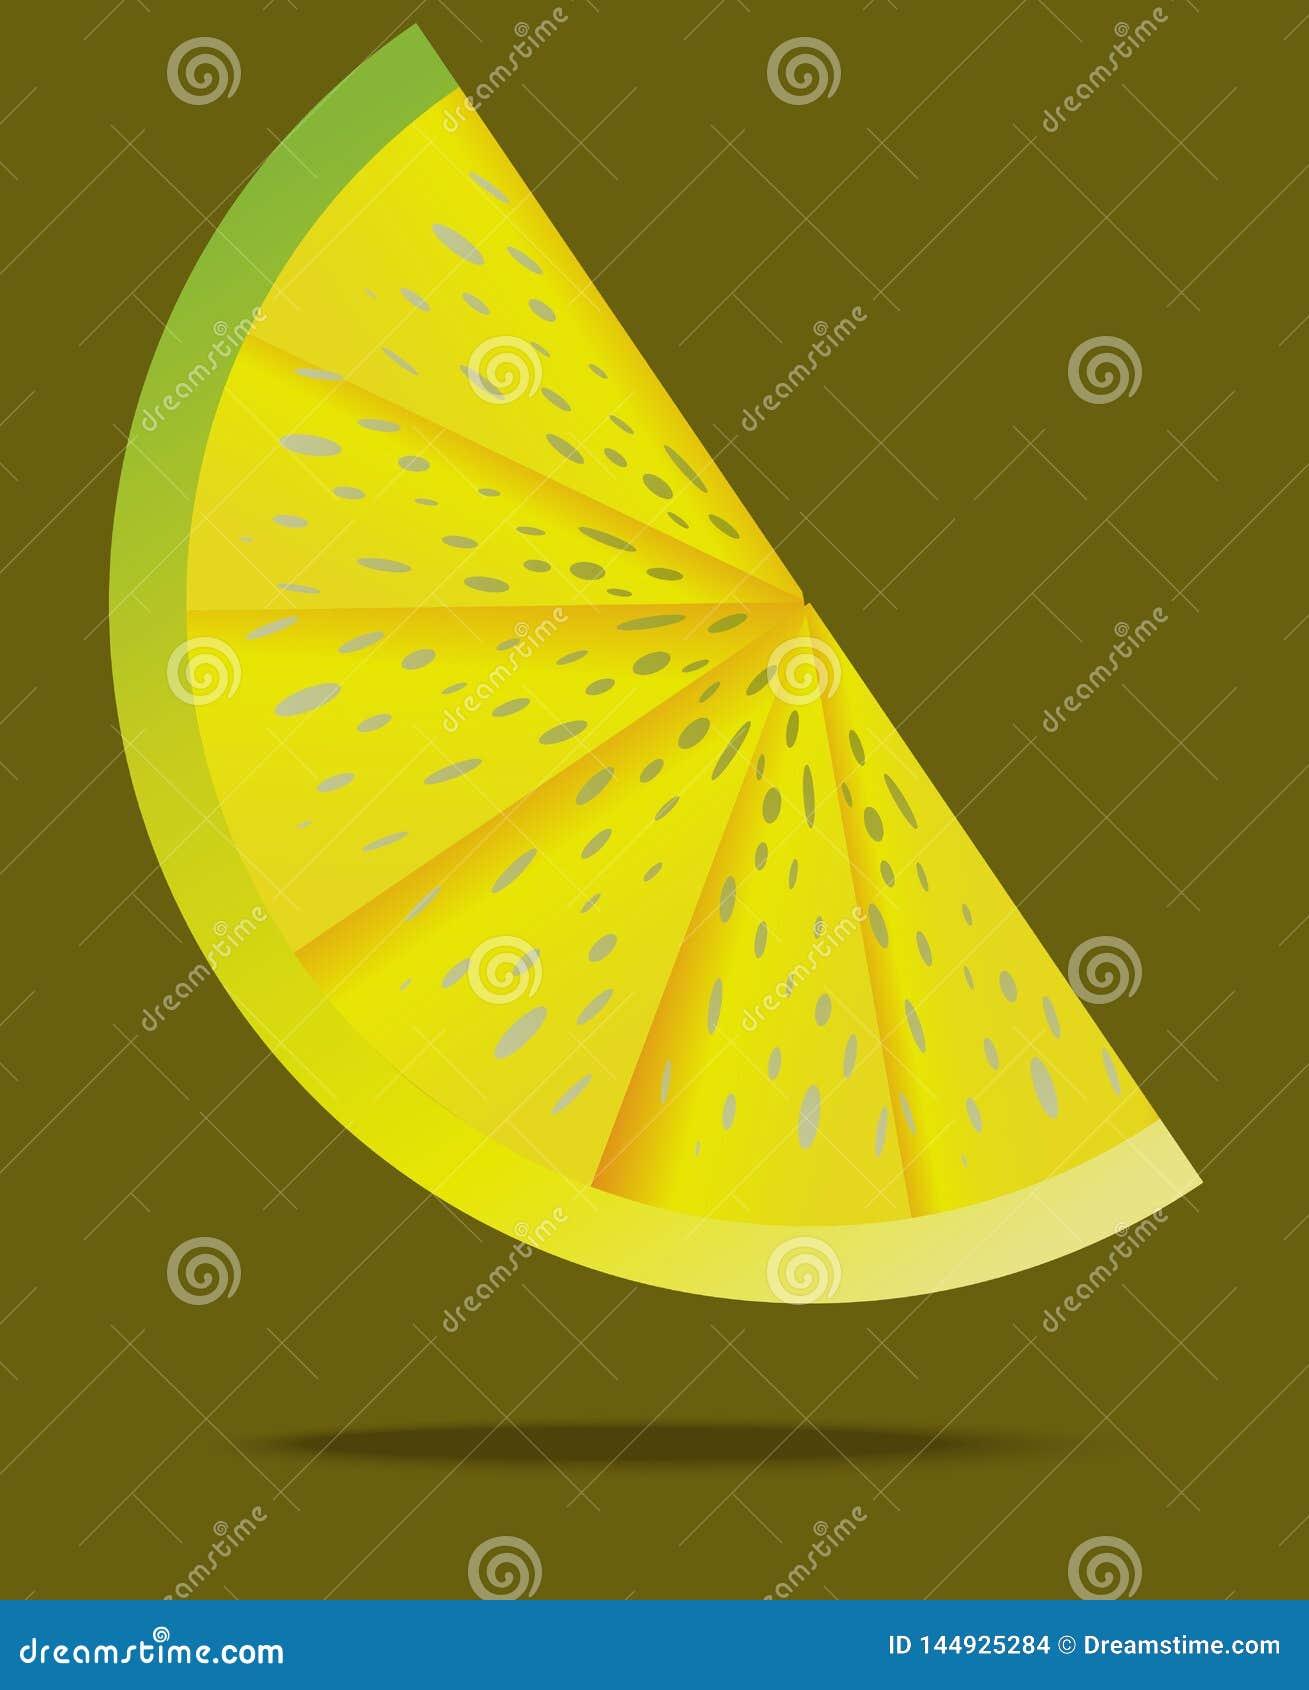 Slice of lemon in the air